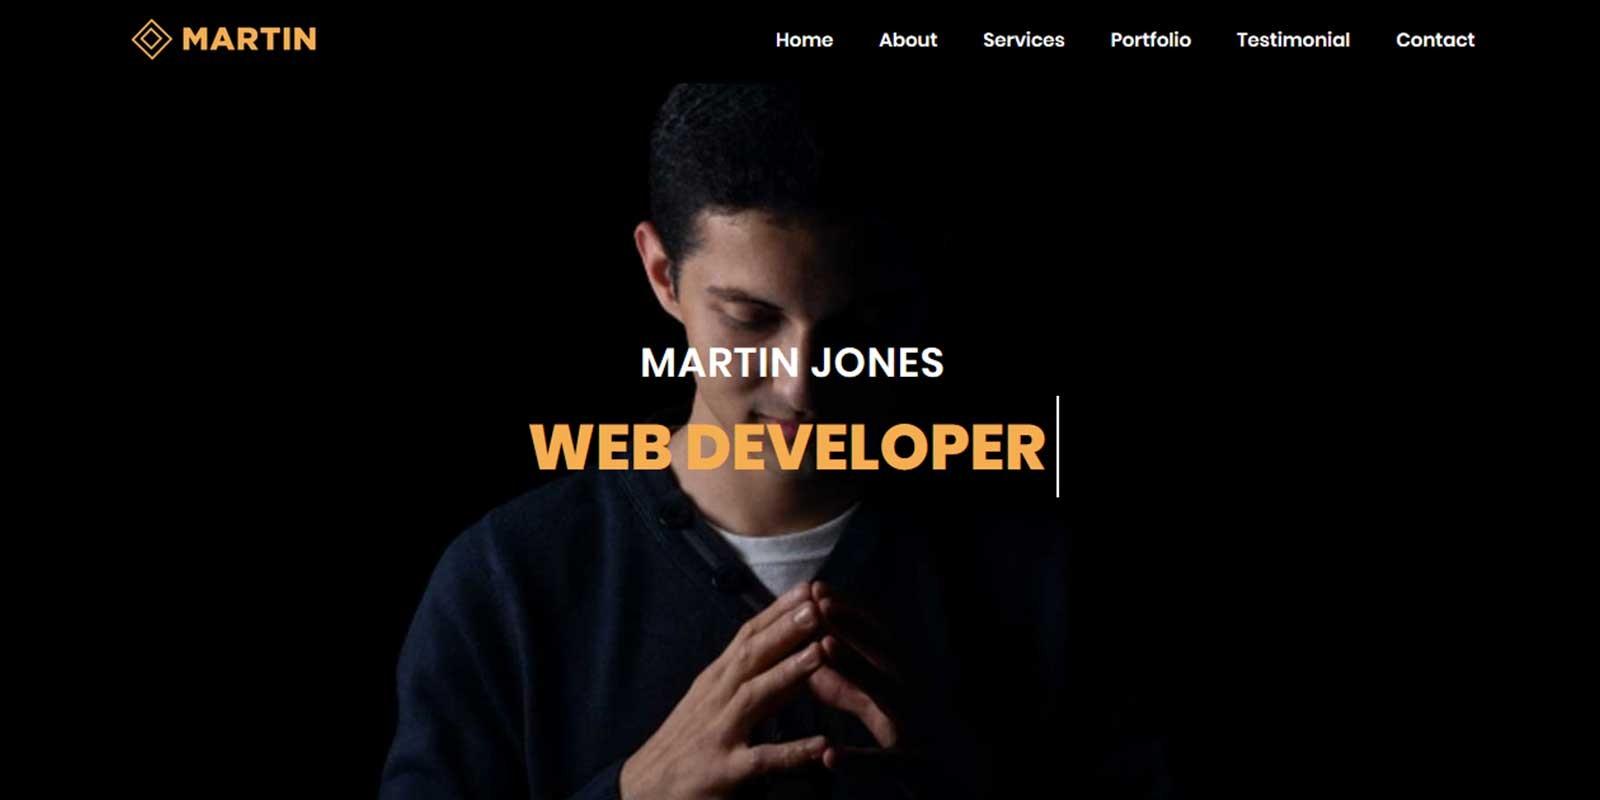 Martin - Personal Portfolio Bootstrap 4 Template